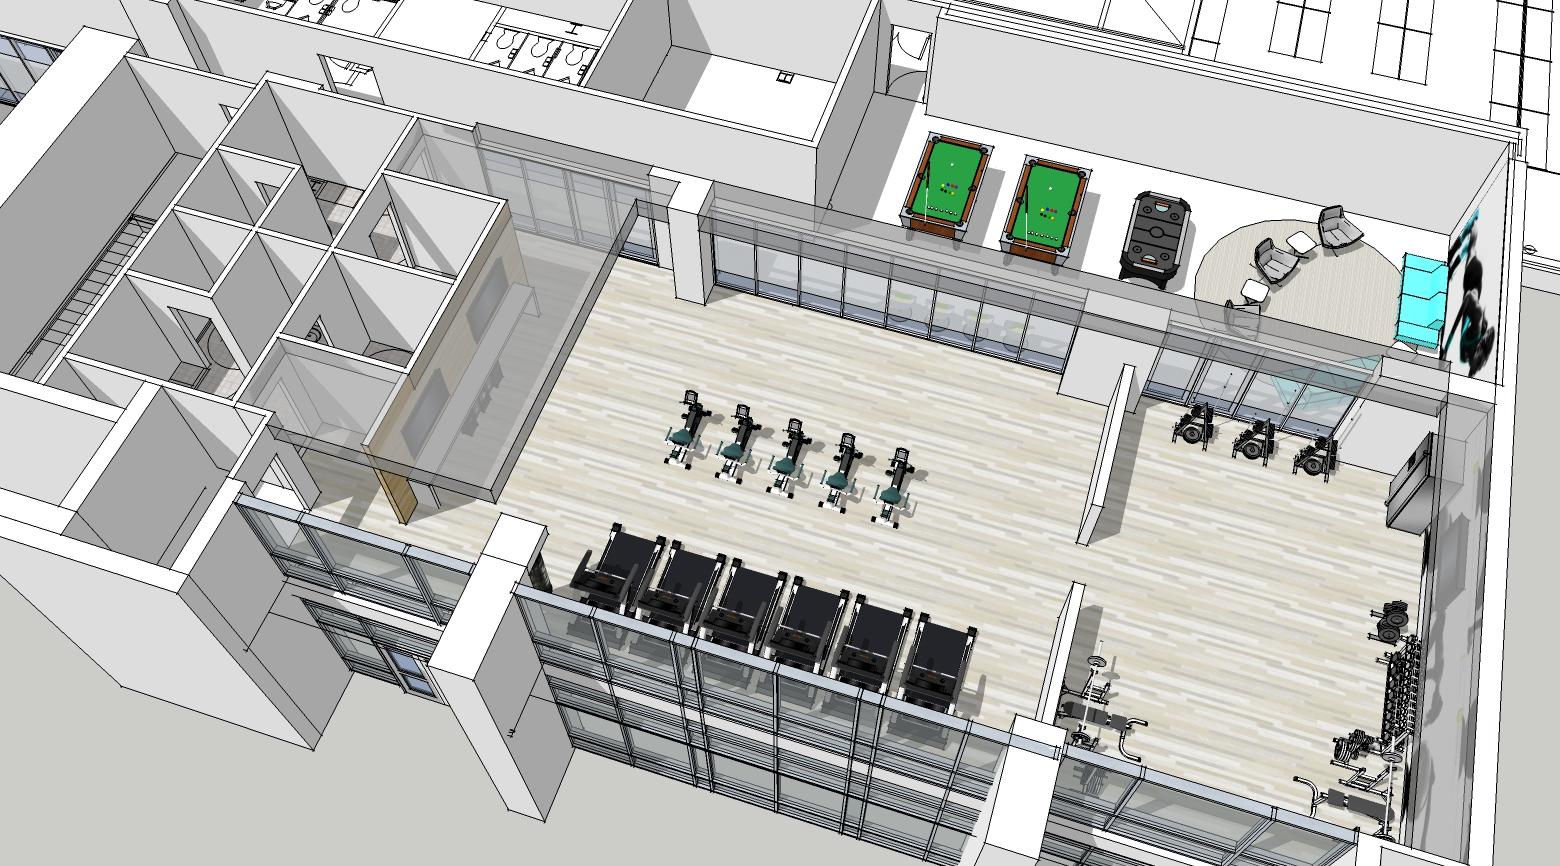 DSM Office_Gym View 3.jpg